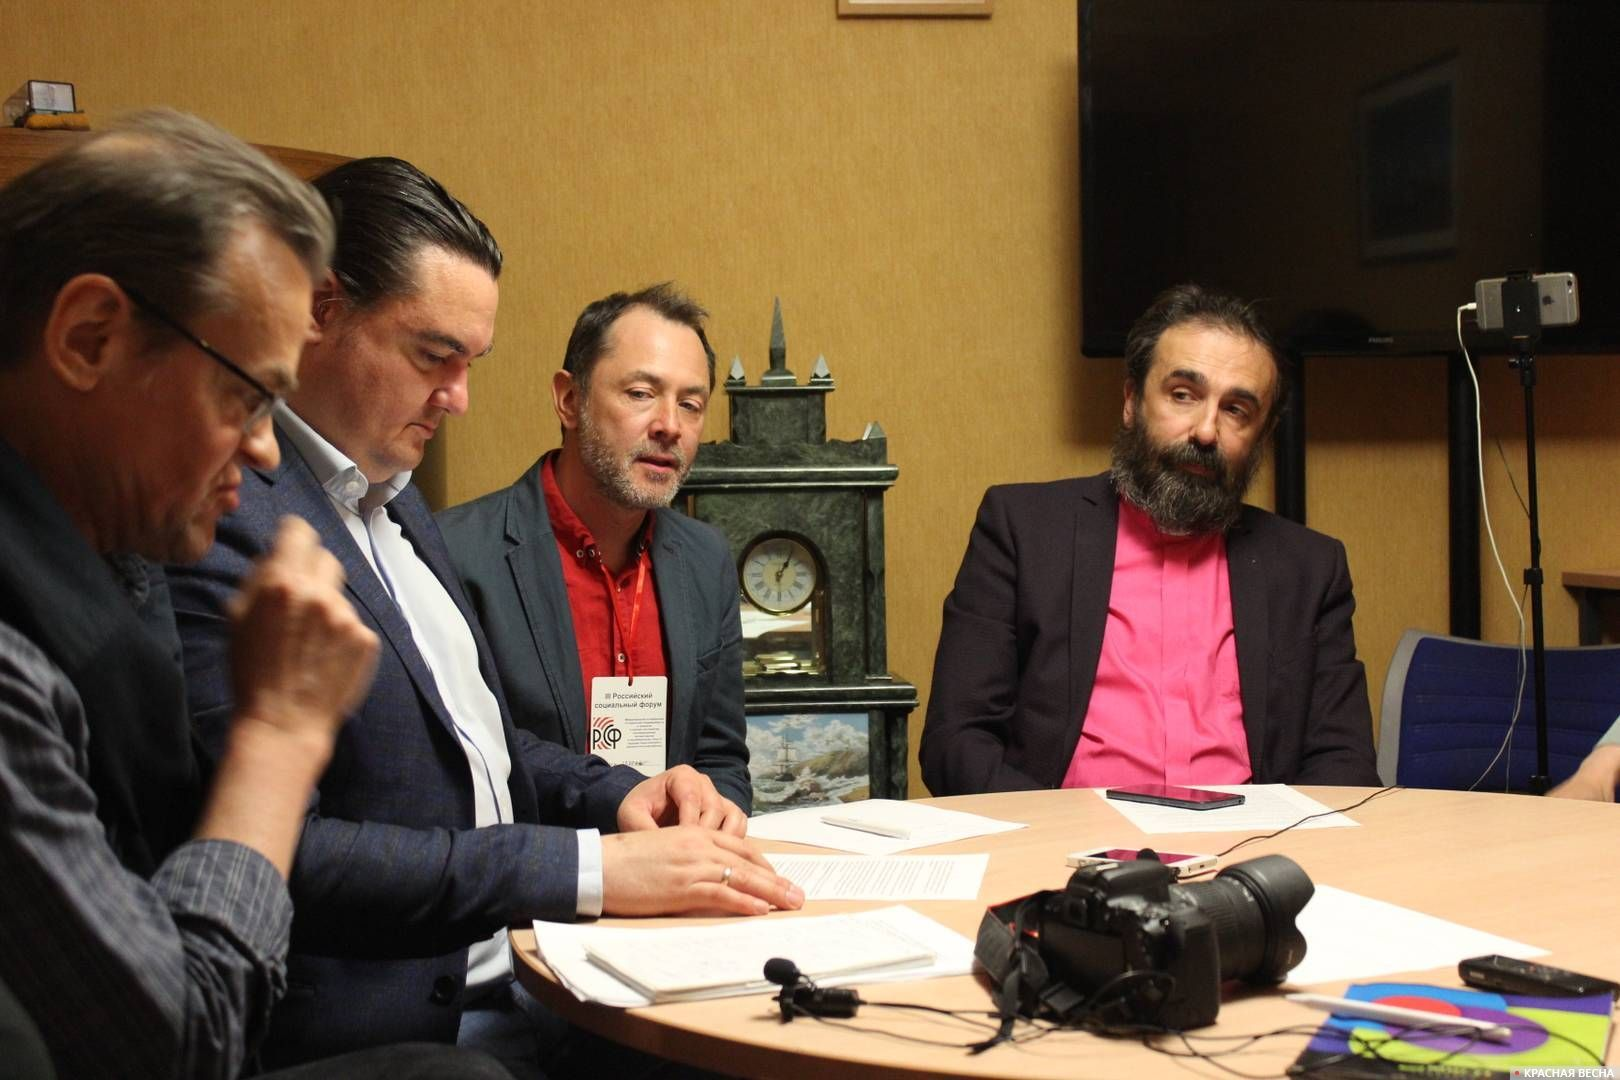 Участники круглого стола «Религия и гражданское общество» III Российского социального форума